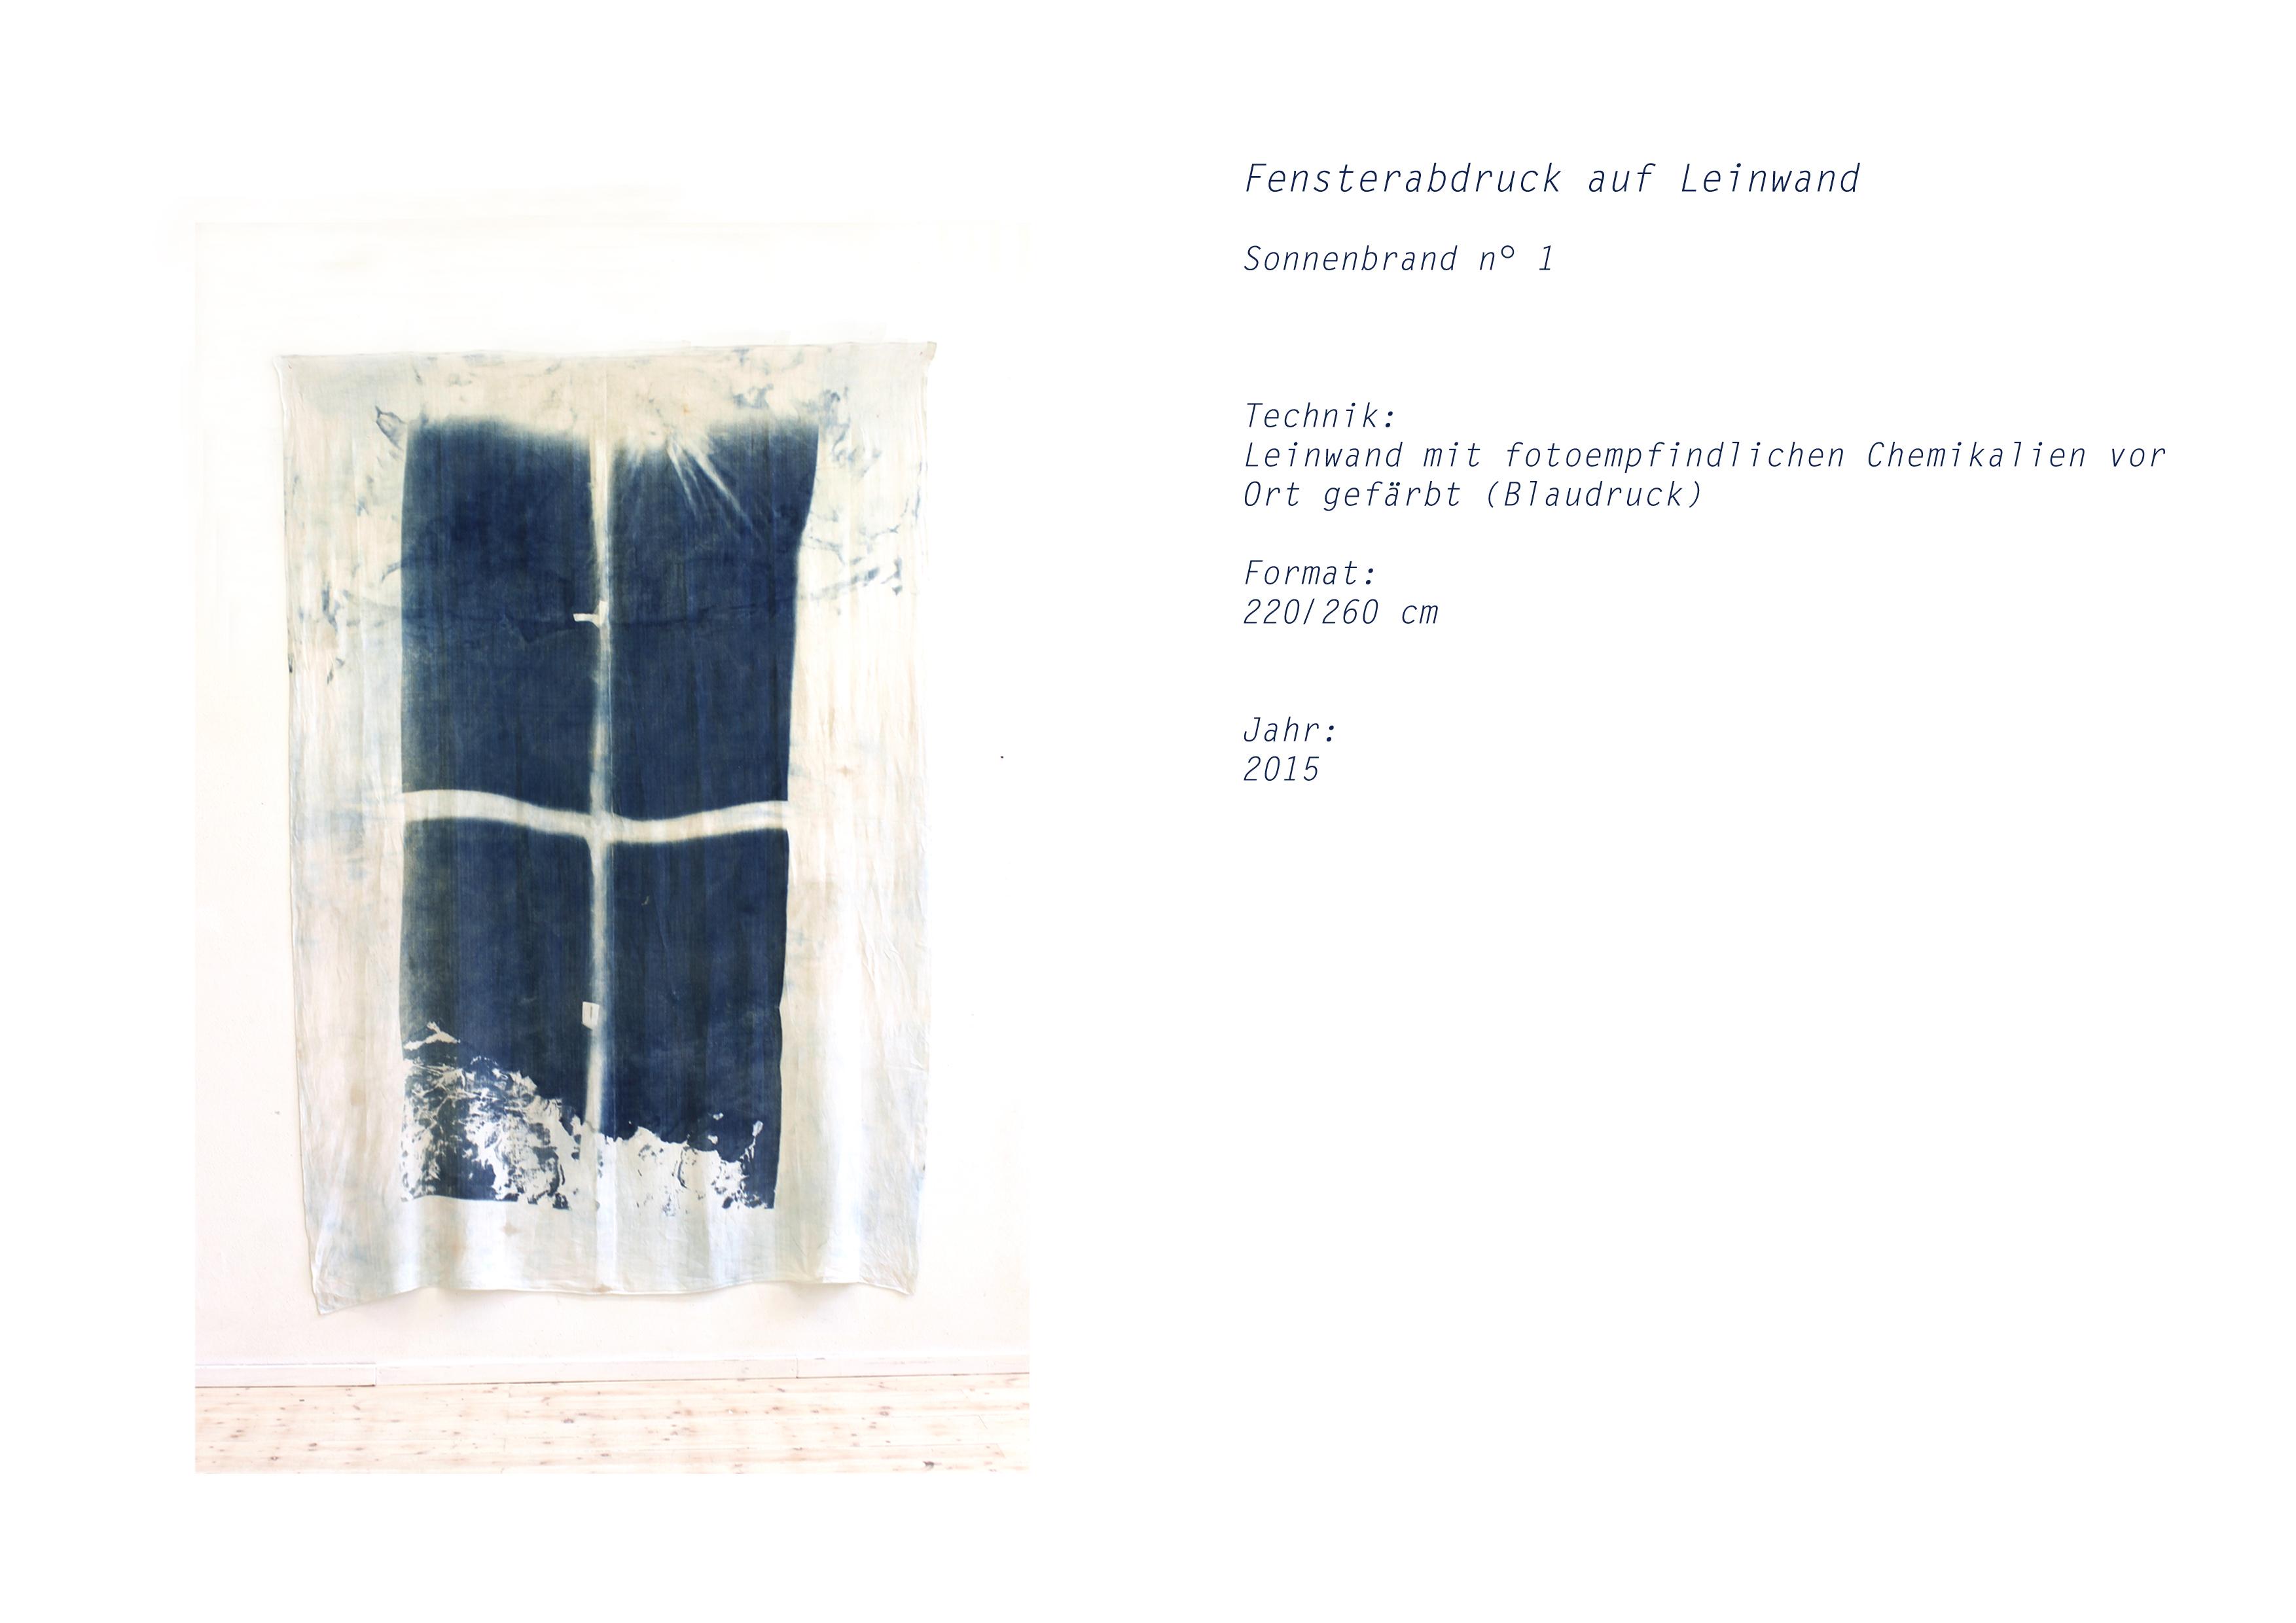 11-Fensterabdruckn°1